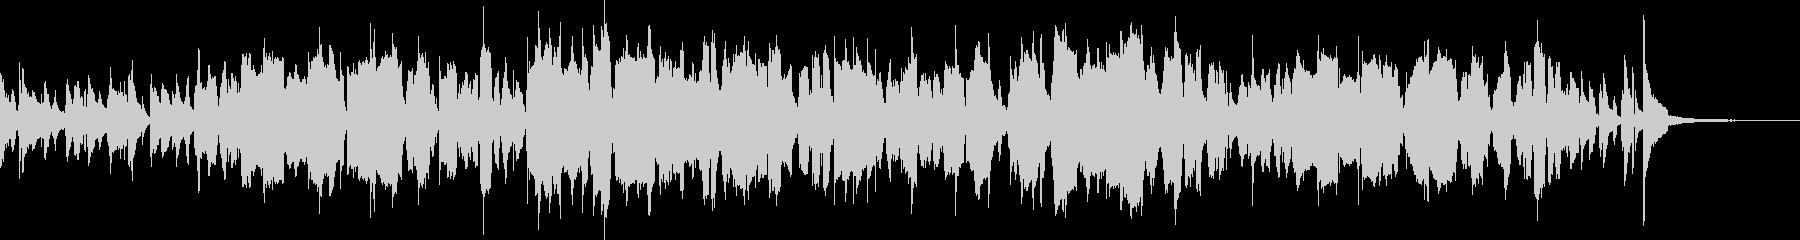 フレンチホルンによるコミカルなジャズの未再生の波形